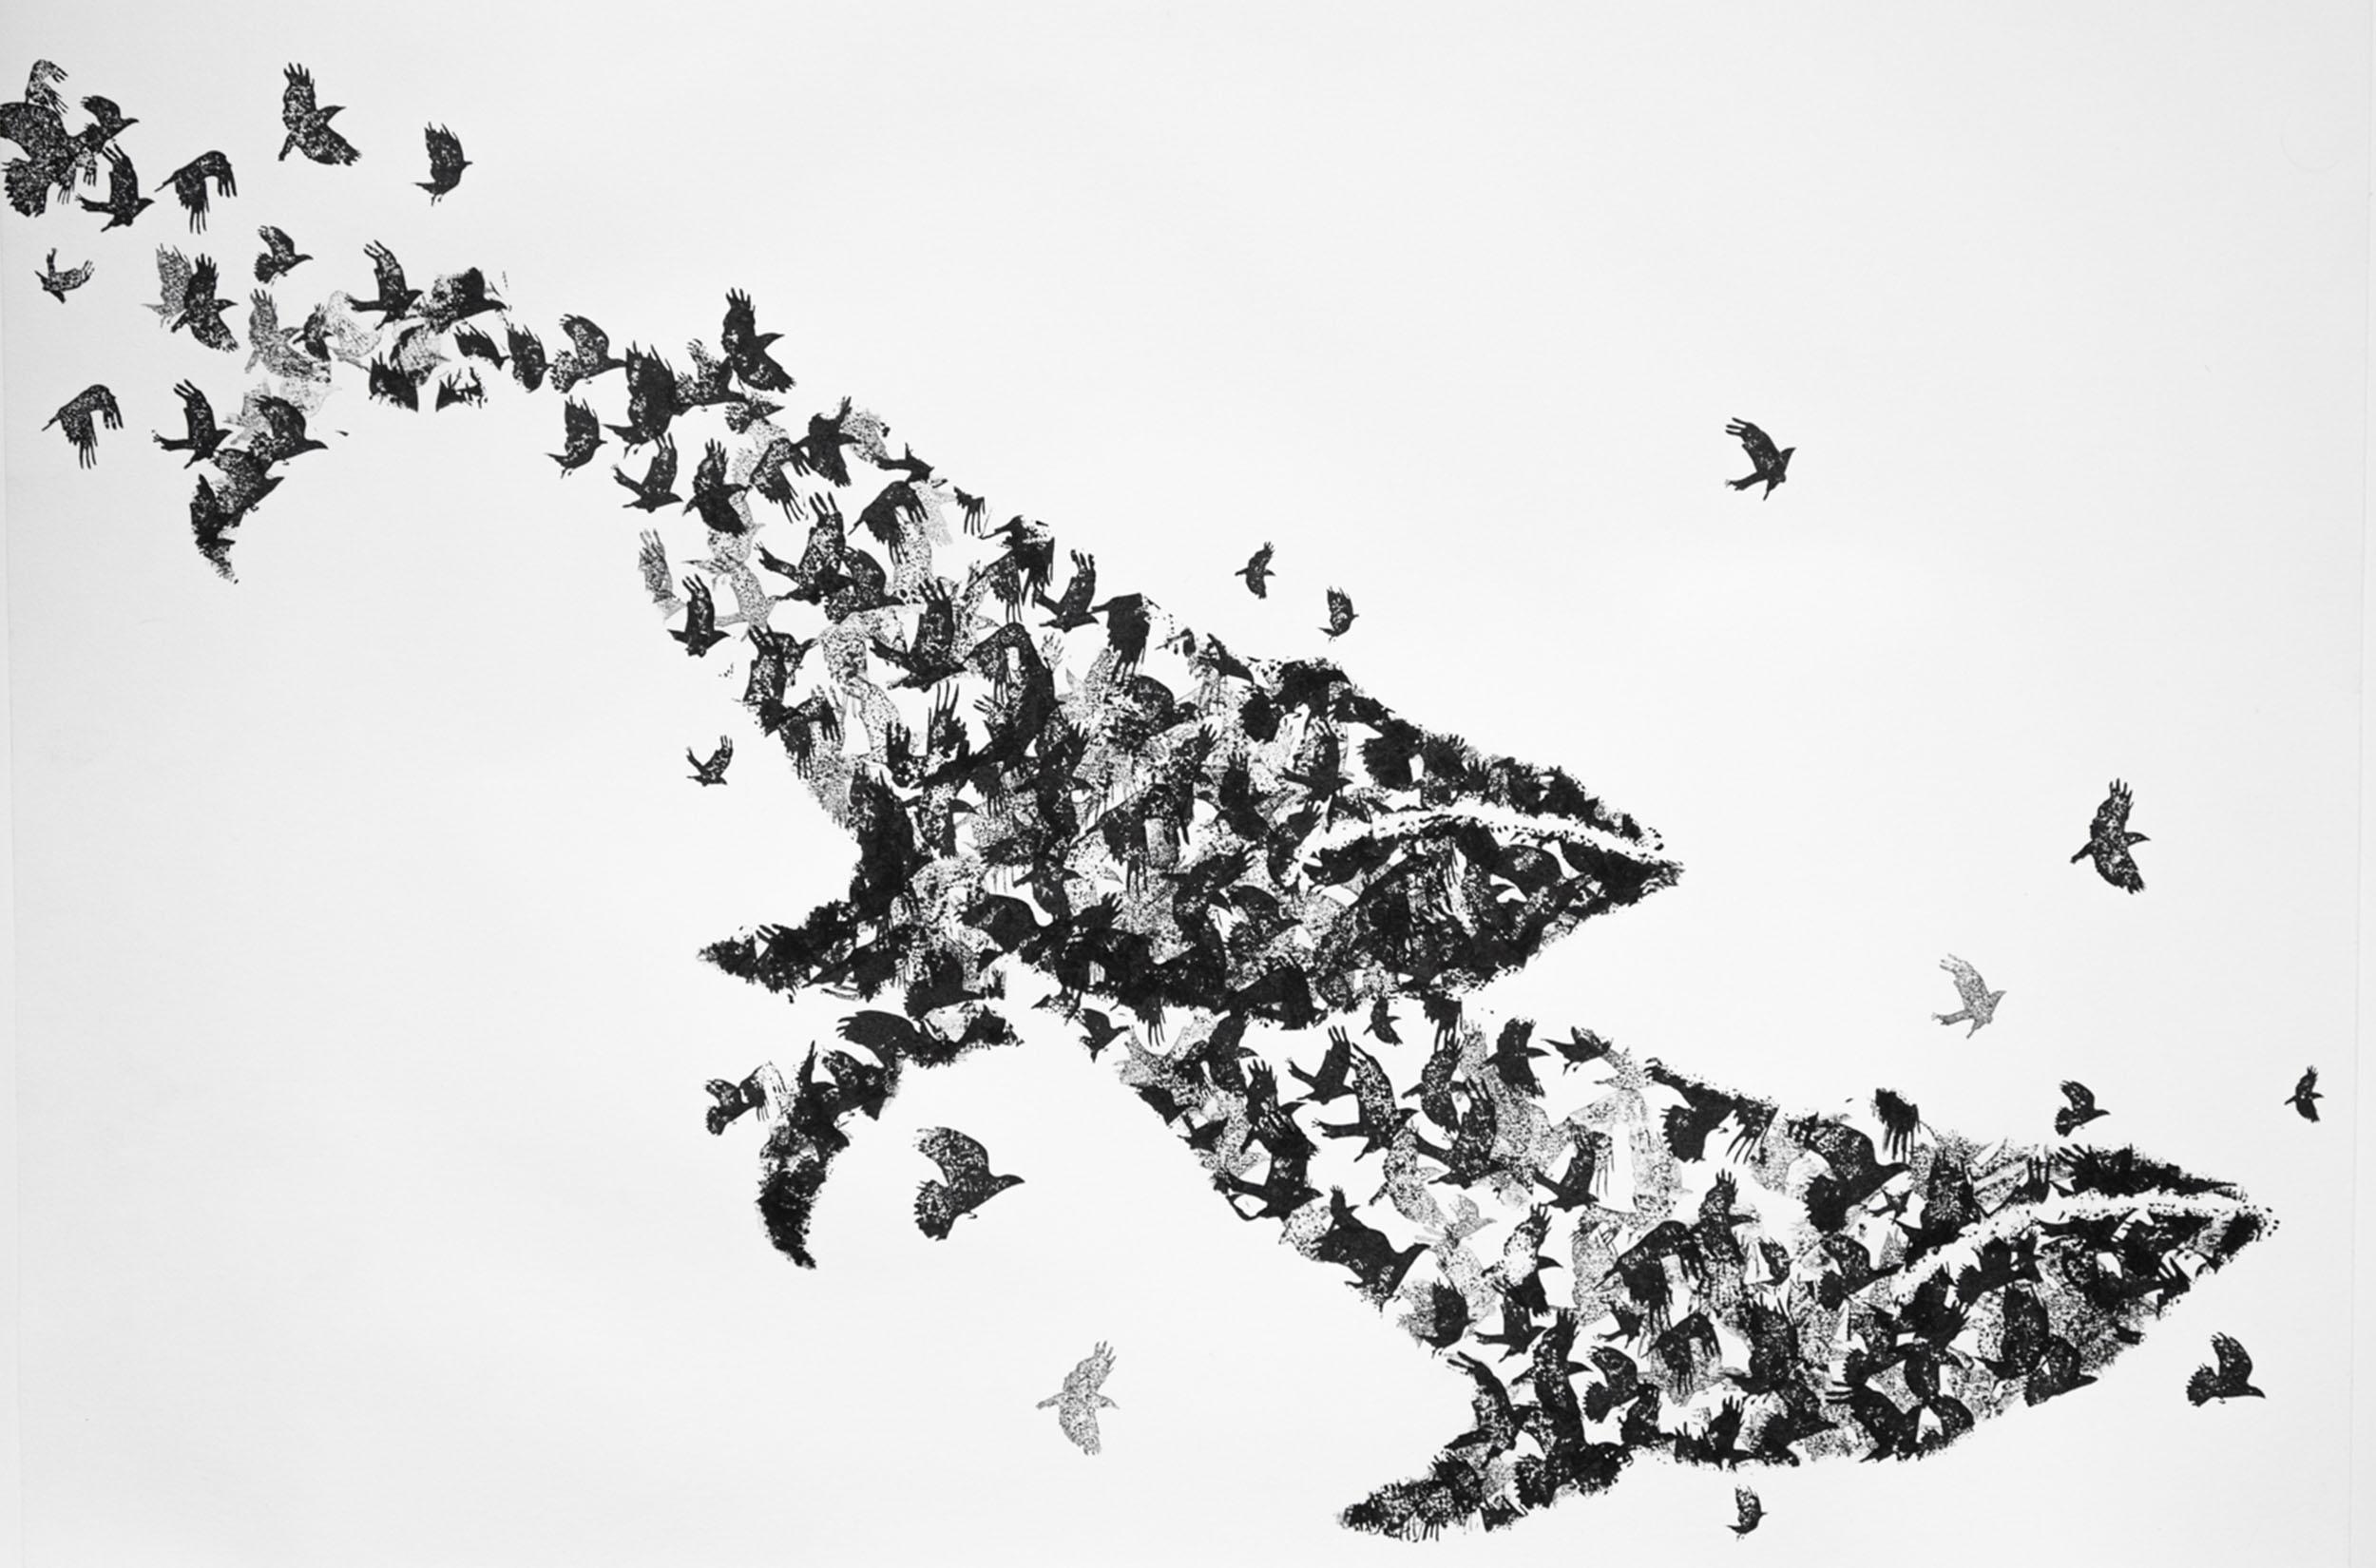 Eve-Biddle-Collaborations-Frankel-Untitled-2014-17